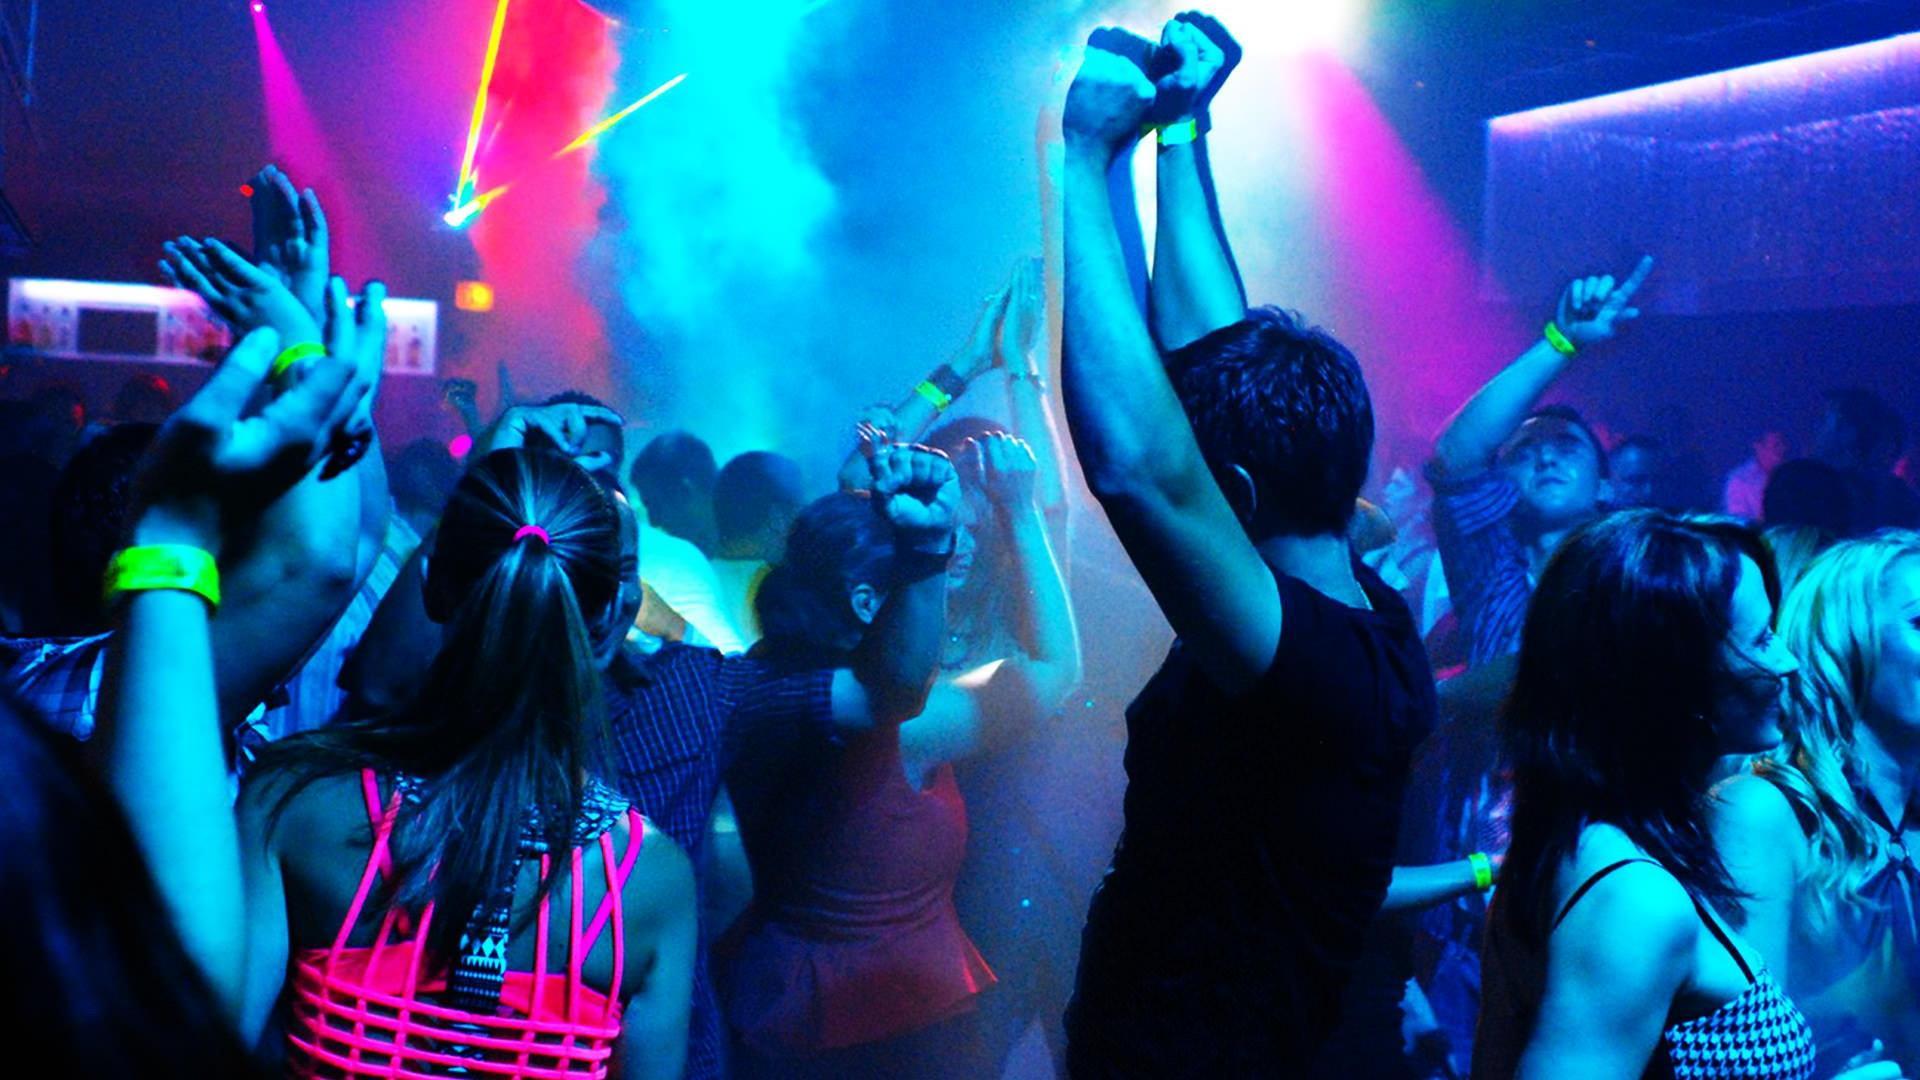 Закрытые вечеринки клубные клипы, азербайджанская сучка сосет хуй